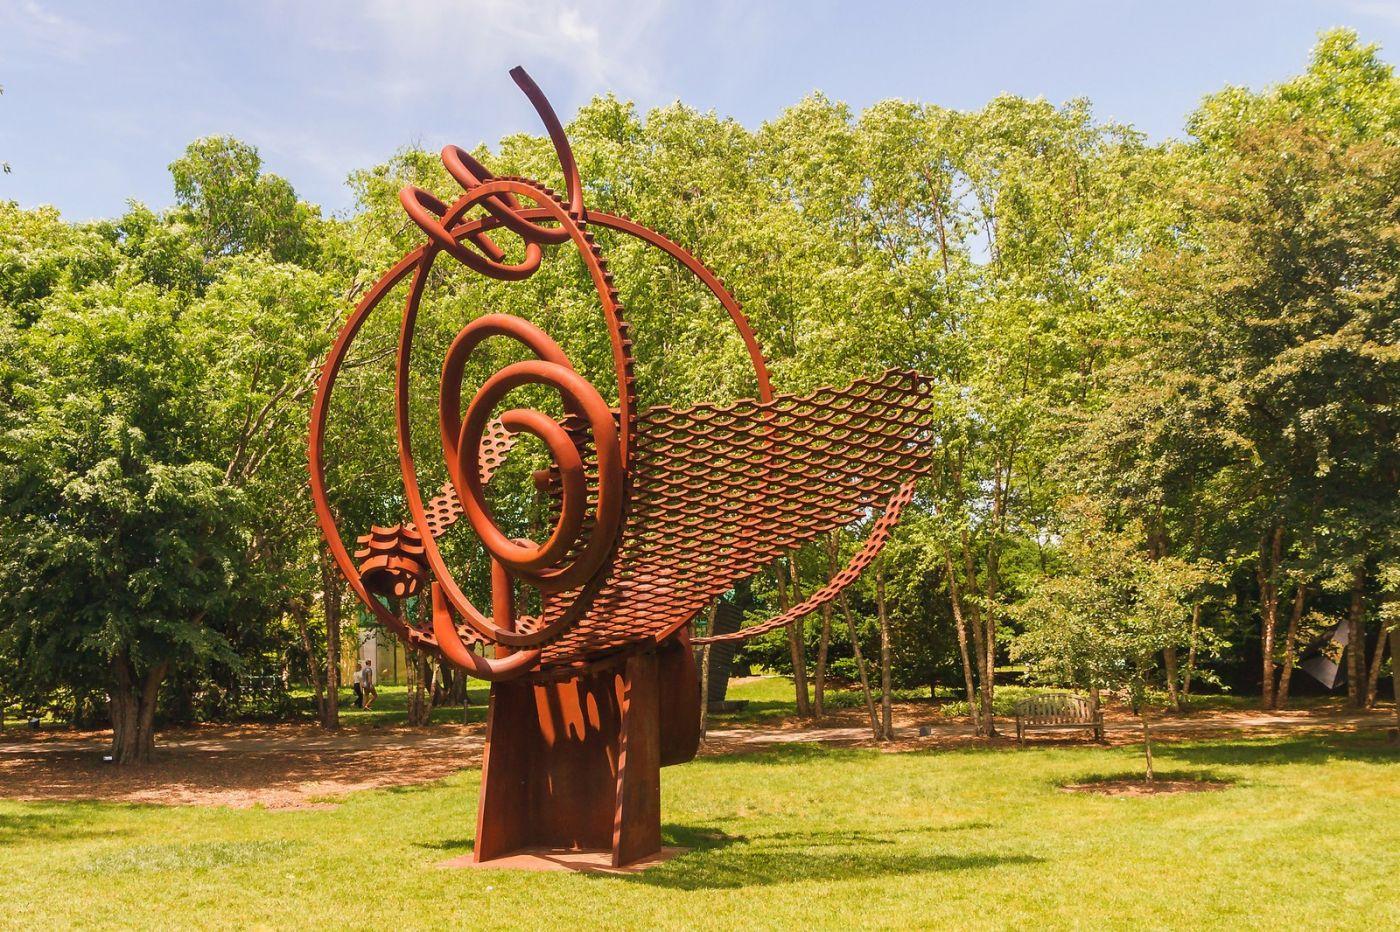 新泽西州雕塑公园(Grounds for scuplture),题材很广_图1-4